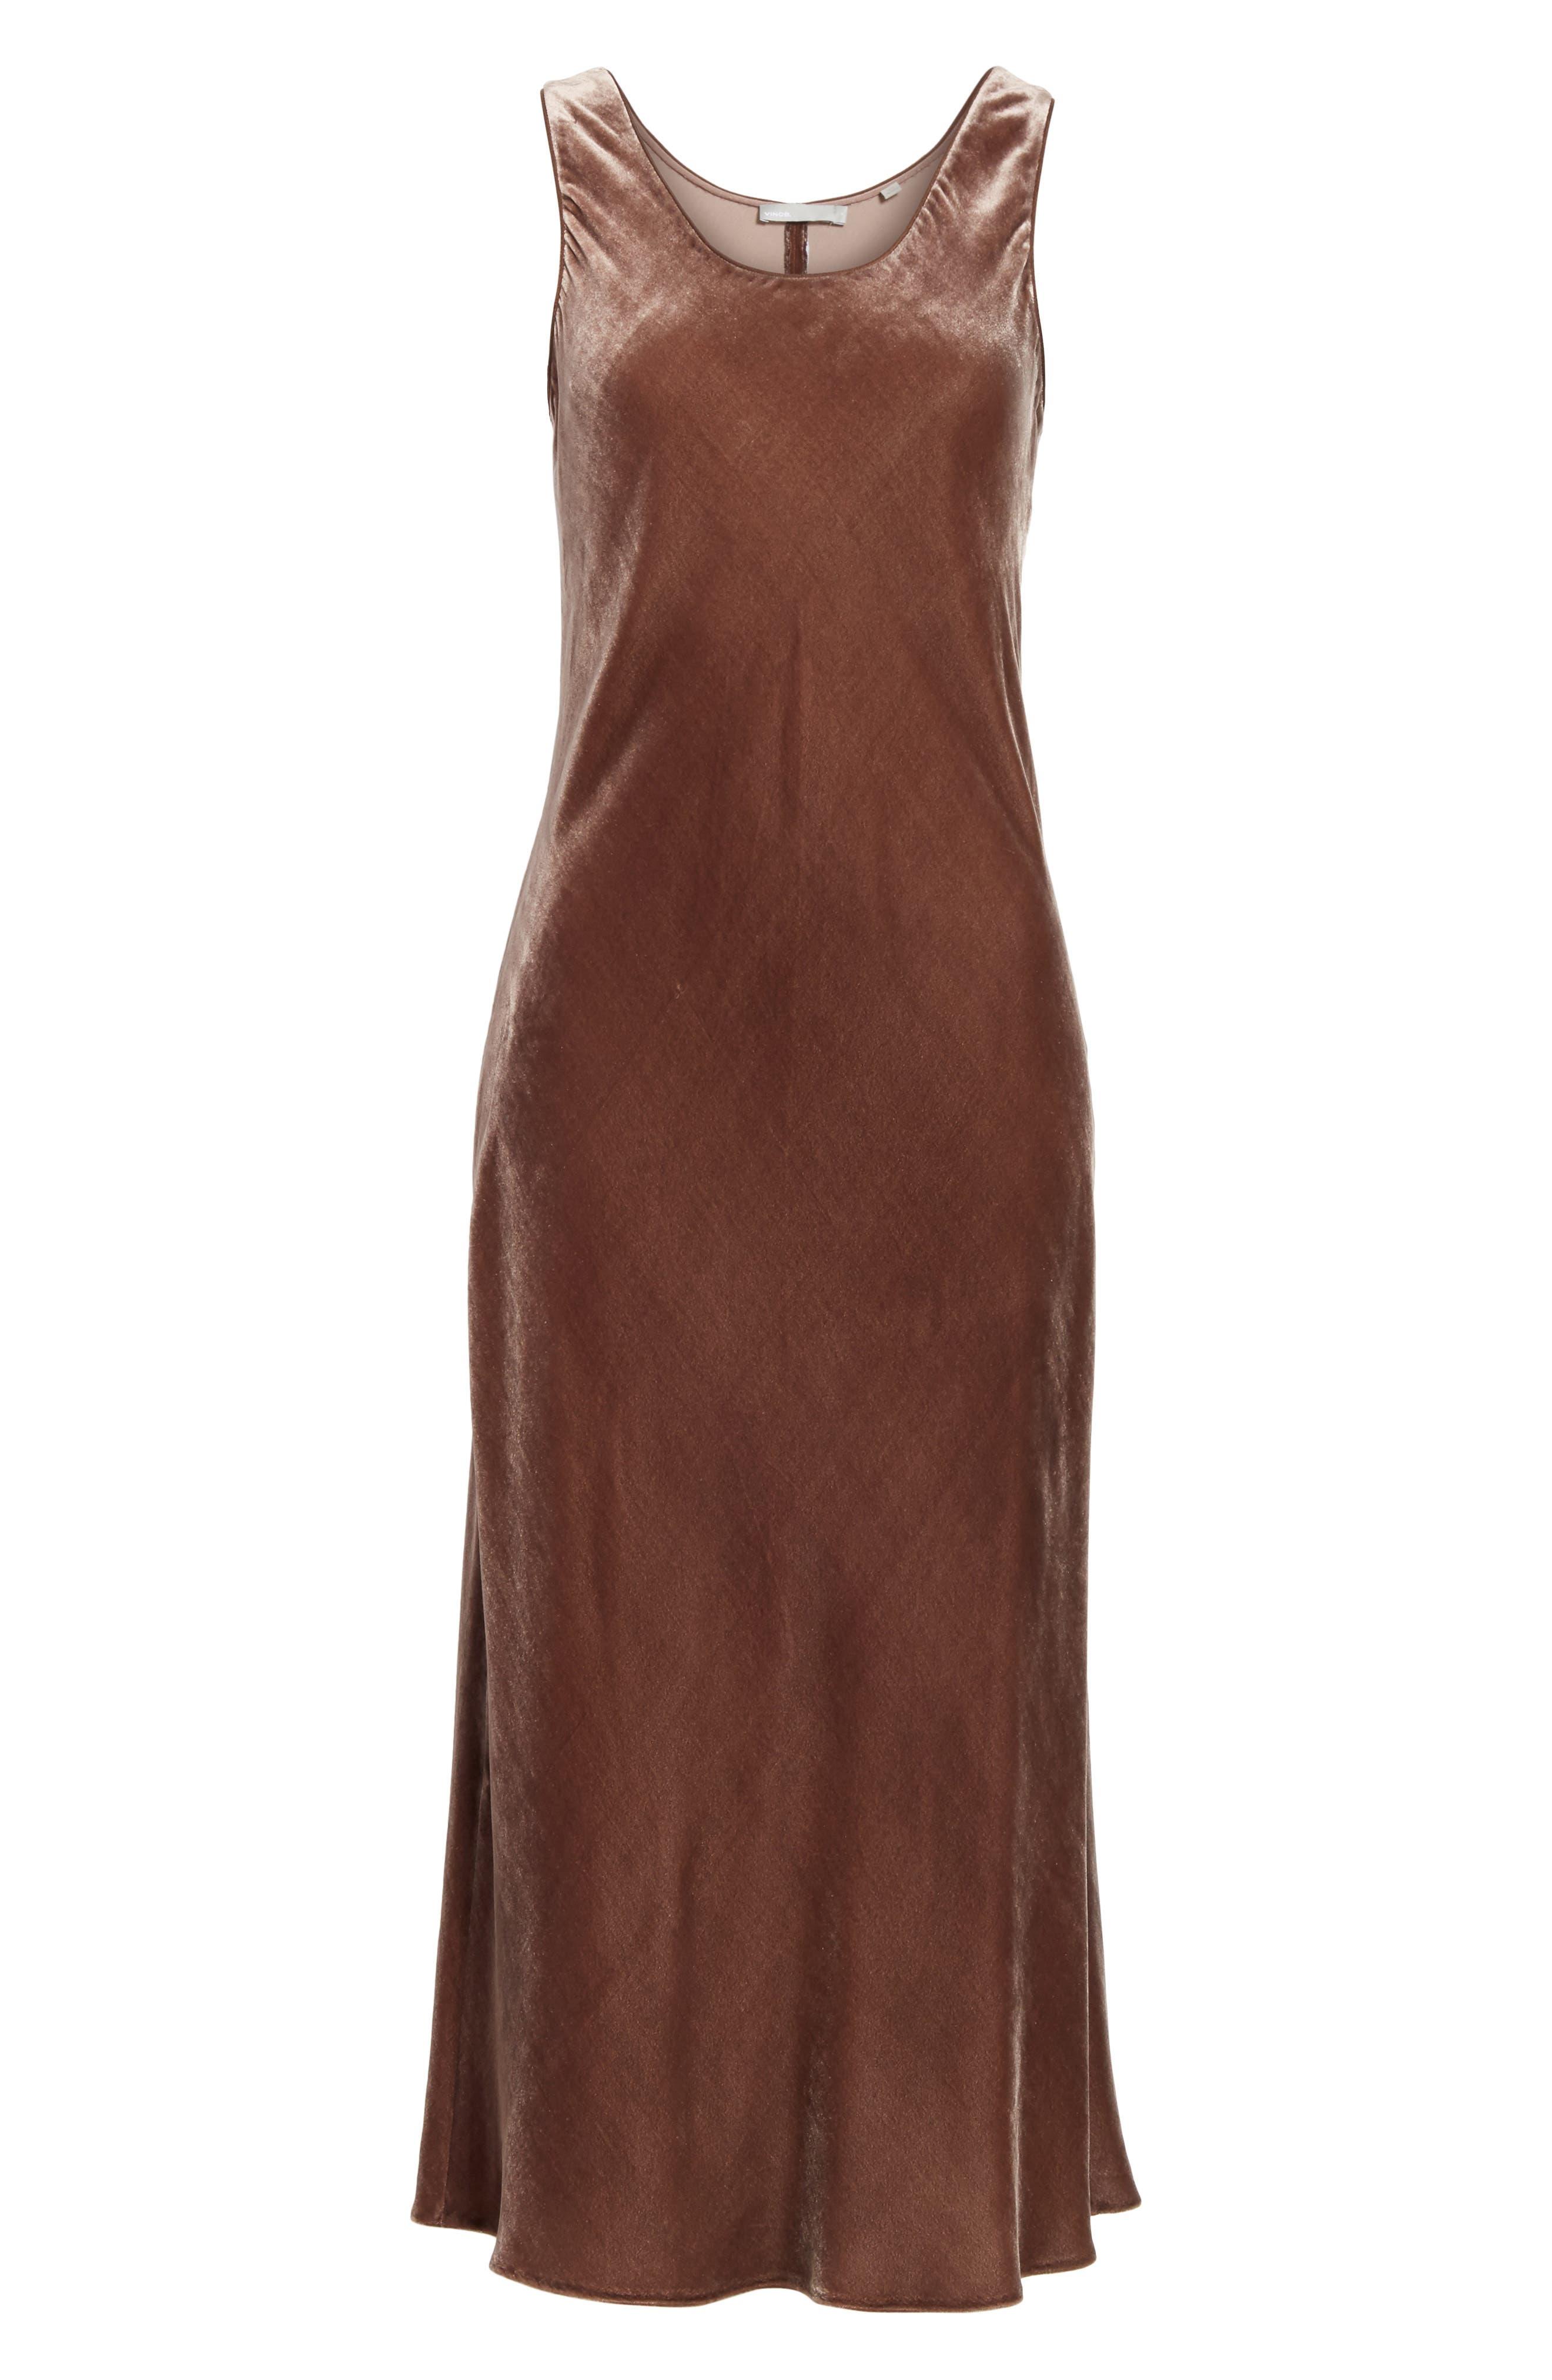 Velvet Tank Dress,                             Alternate thumbnail 6, color,                             Cocoa Bean